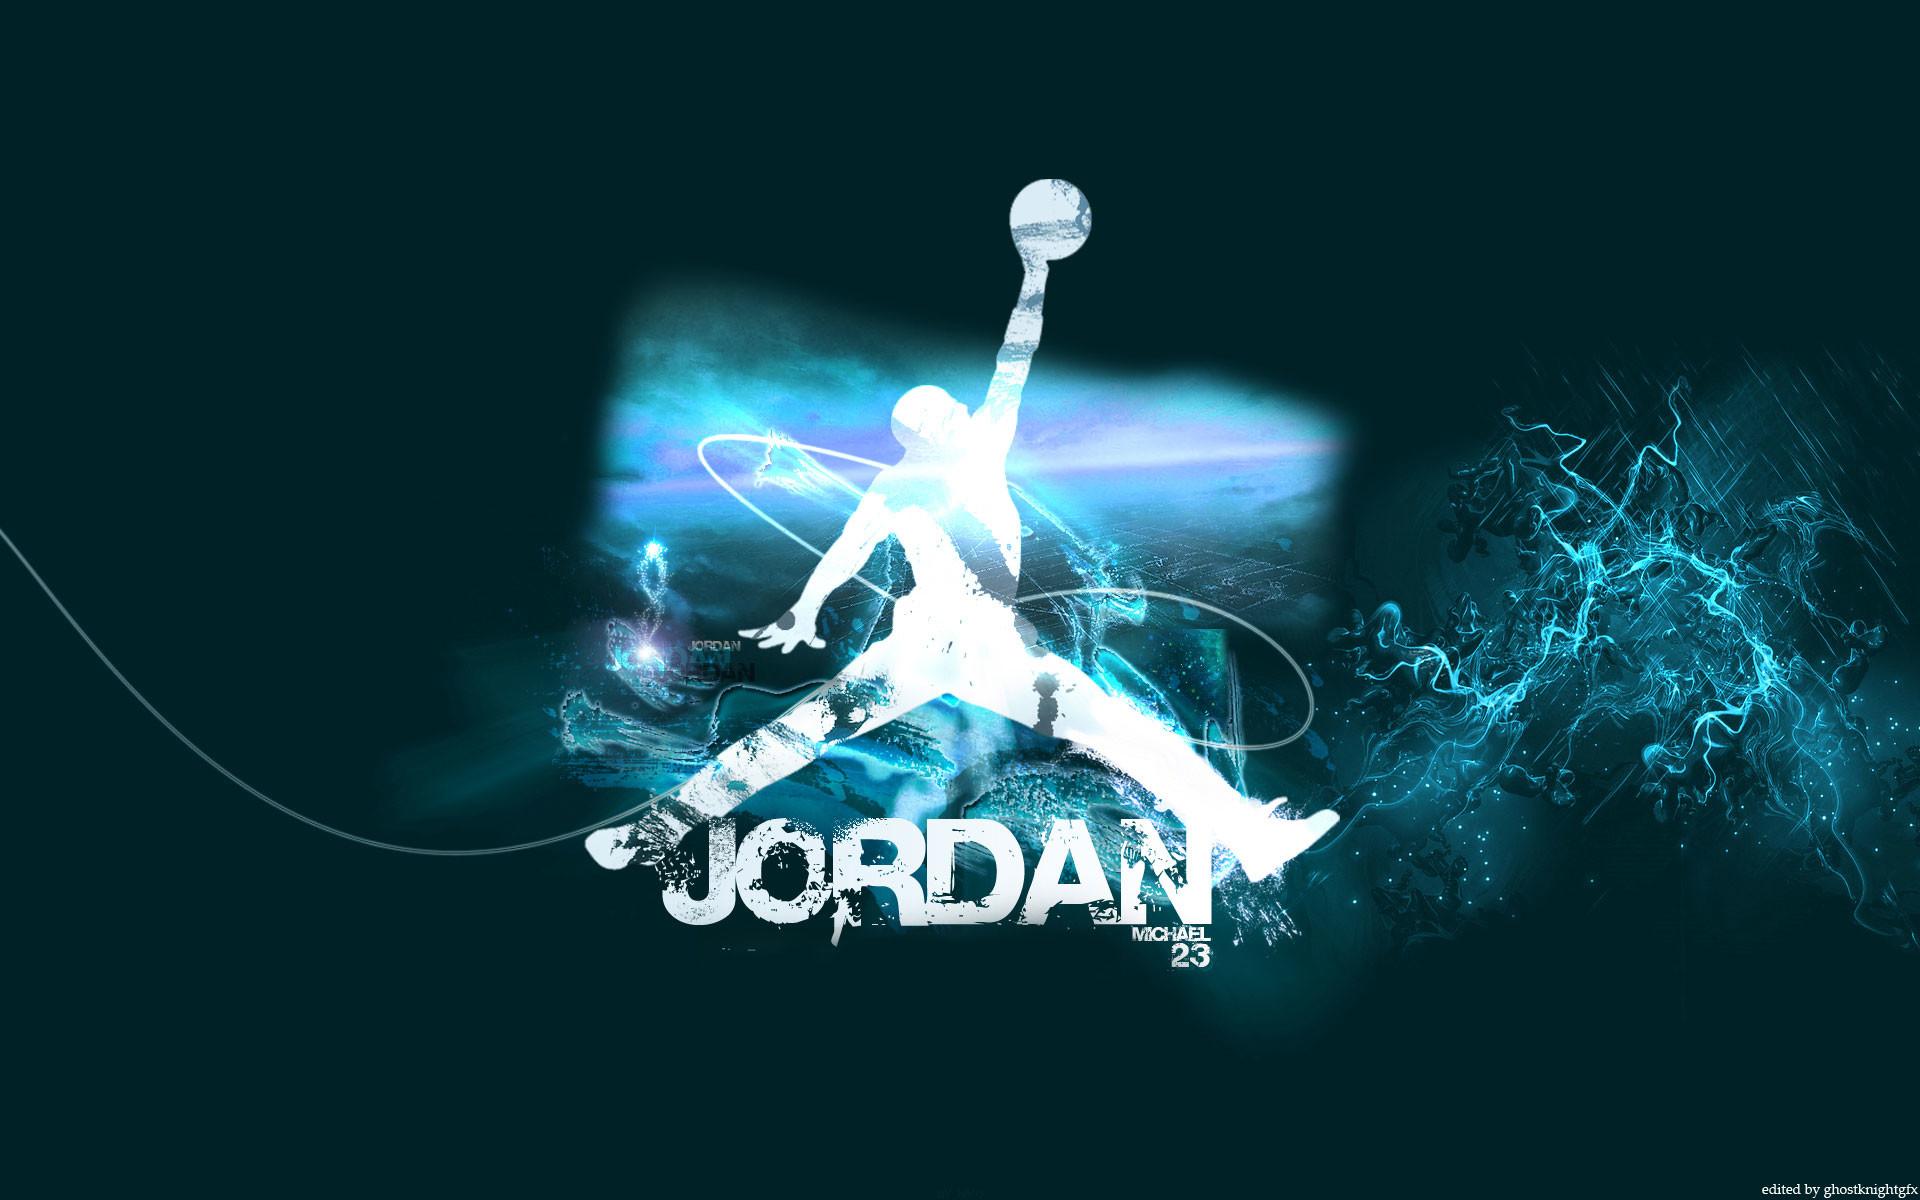 Michael Jordan HD Wallpapers Wallpaper × Michael Jordan   HD Wallpapers    Pinterest   Michael jordan basketball, Jordan basketball and Michael jordan